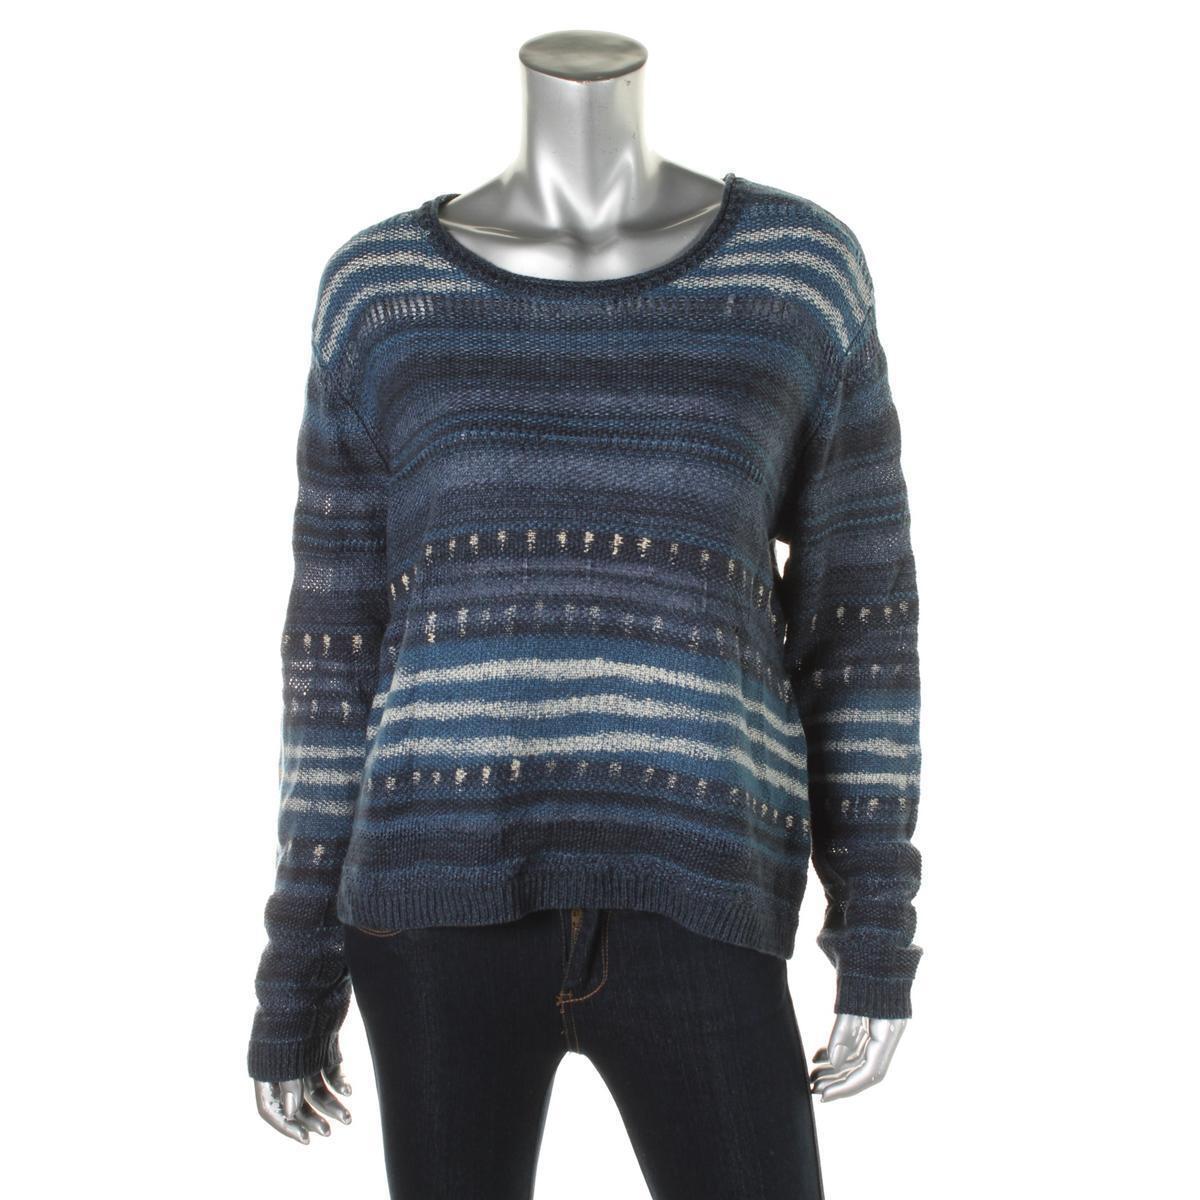 NEW  198 Lauren Ralph Lauren bluee Linen Cotton Casual Boho Sweater Women XL NWOT